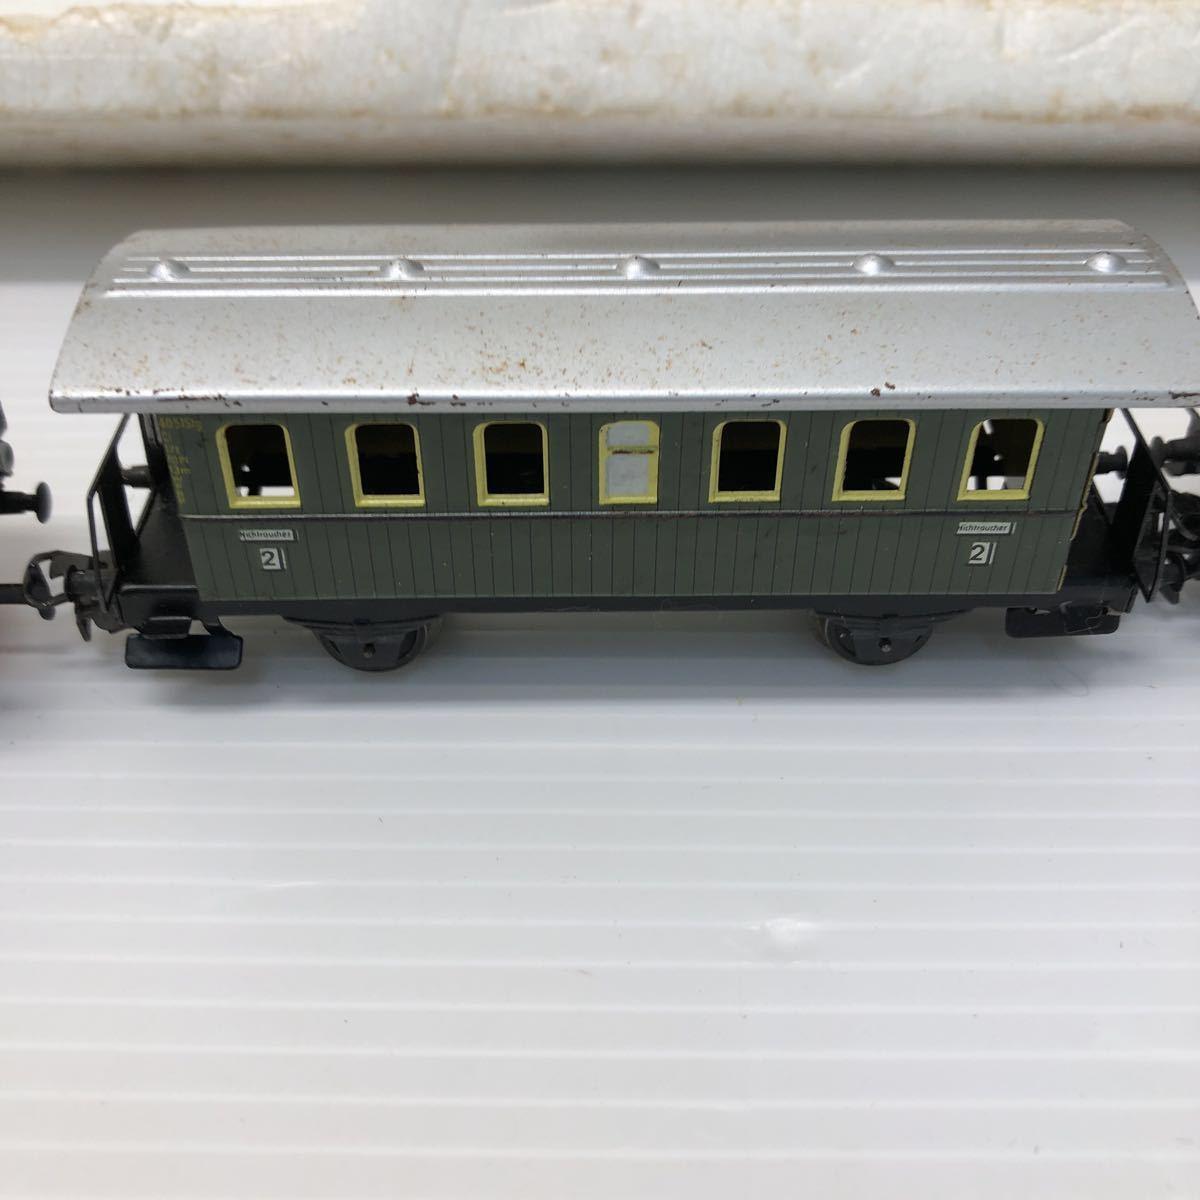 Marklin メルクリン 鉄道模型 SET-HO S 2929 ポイントレール 基本セット ドイツ製 1円スタート 動作未確認 ジャンク扱い_画像5